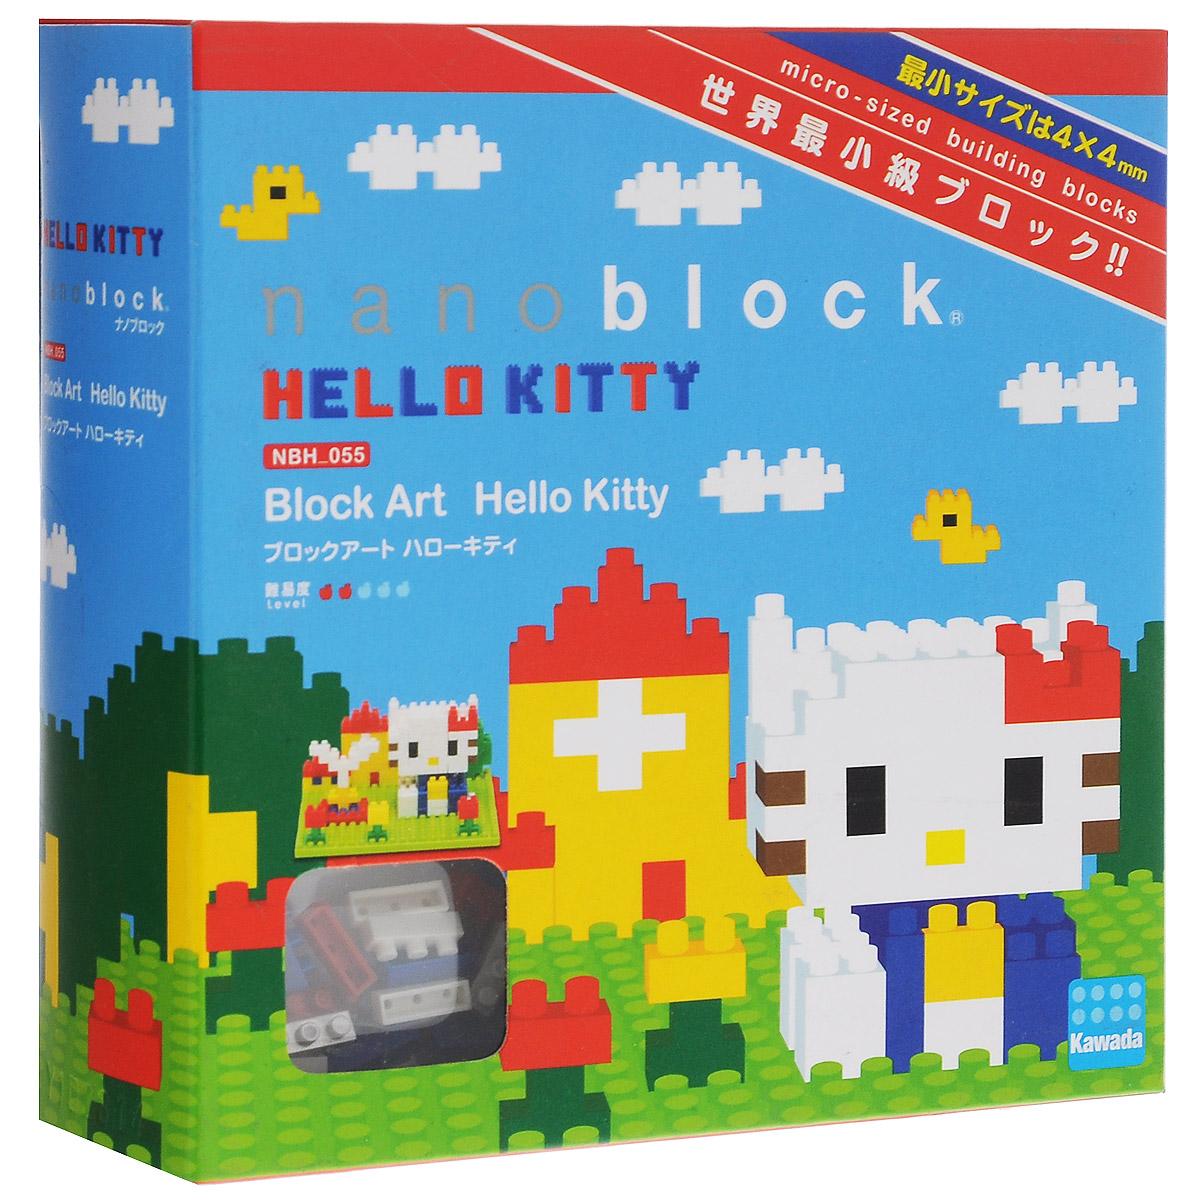 Nanoblock Мини-конструктор Hello Kitty в паркеNBH_055В конструкторе Nanoblock милая и дружелюбная Hello Kitty не прочь прогуляться. На этот раз она вышла в парк, не забыв надеть свой любимый бант на левое ушко. Конструктор Nanoblock - самый маленький в мире конструктор, крайне необычный, как все японское. Высокоточные трехмерные модели из деталей подобных Лего, но предельно уменьшенных в размерах, стали хитом в Японии и буквально произвели фурор в Америке, Европе, Азии и Австралии. Чем-то сборка этого мини-Лего похожа на решение 3D-головоломки, особенно в момент, когда продолжительные усилия по сборке вознаграждаются появлением долгожданной конструкции! В комплекте: 250 элементов,запасные элементы, площадка-основание и подробная схематичная инструкция по сборке. Примерное время сборки: 40-60 минут.